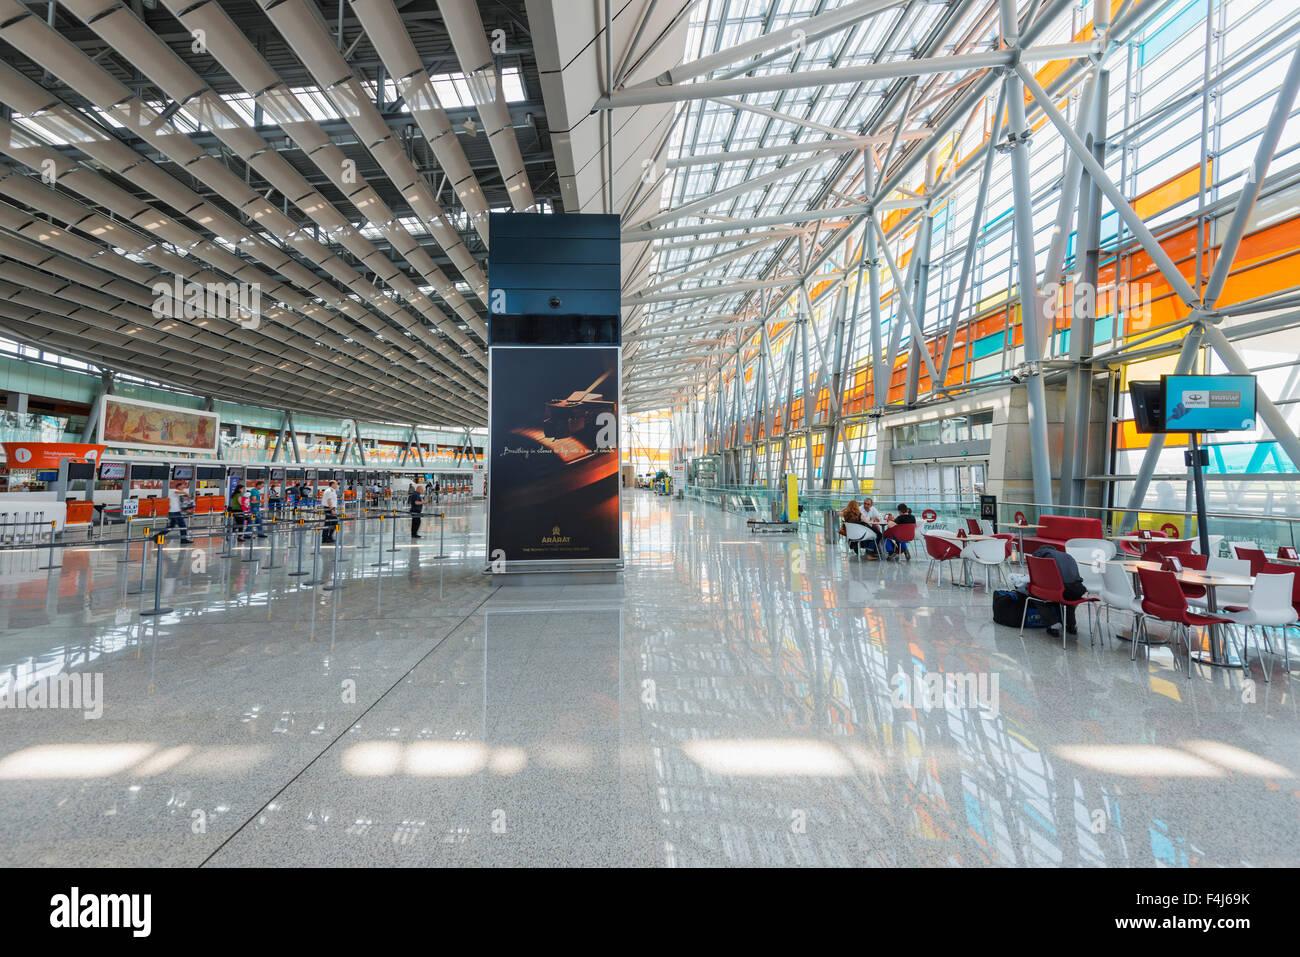 Sala de Embarque, el Aeropuerto Internacional de Zvartnots, Yerevan, Armenia, el Cáucaso, Asia Central, África Imagen De Stock